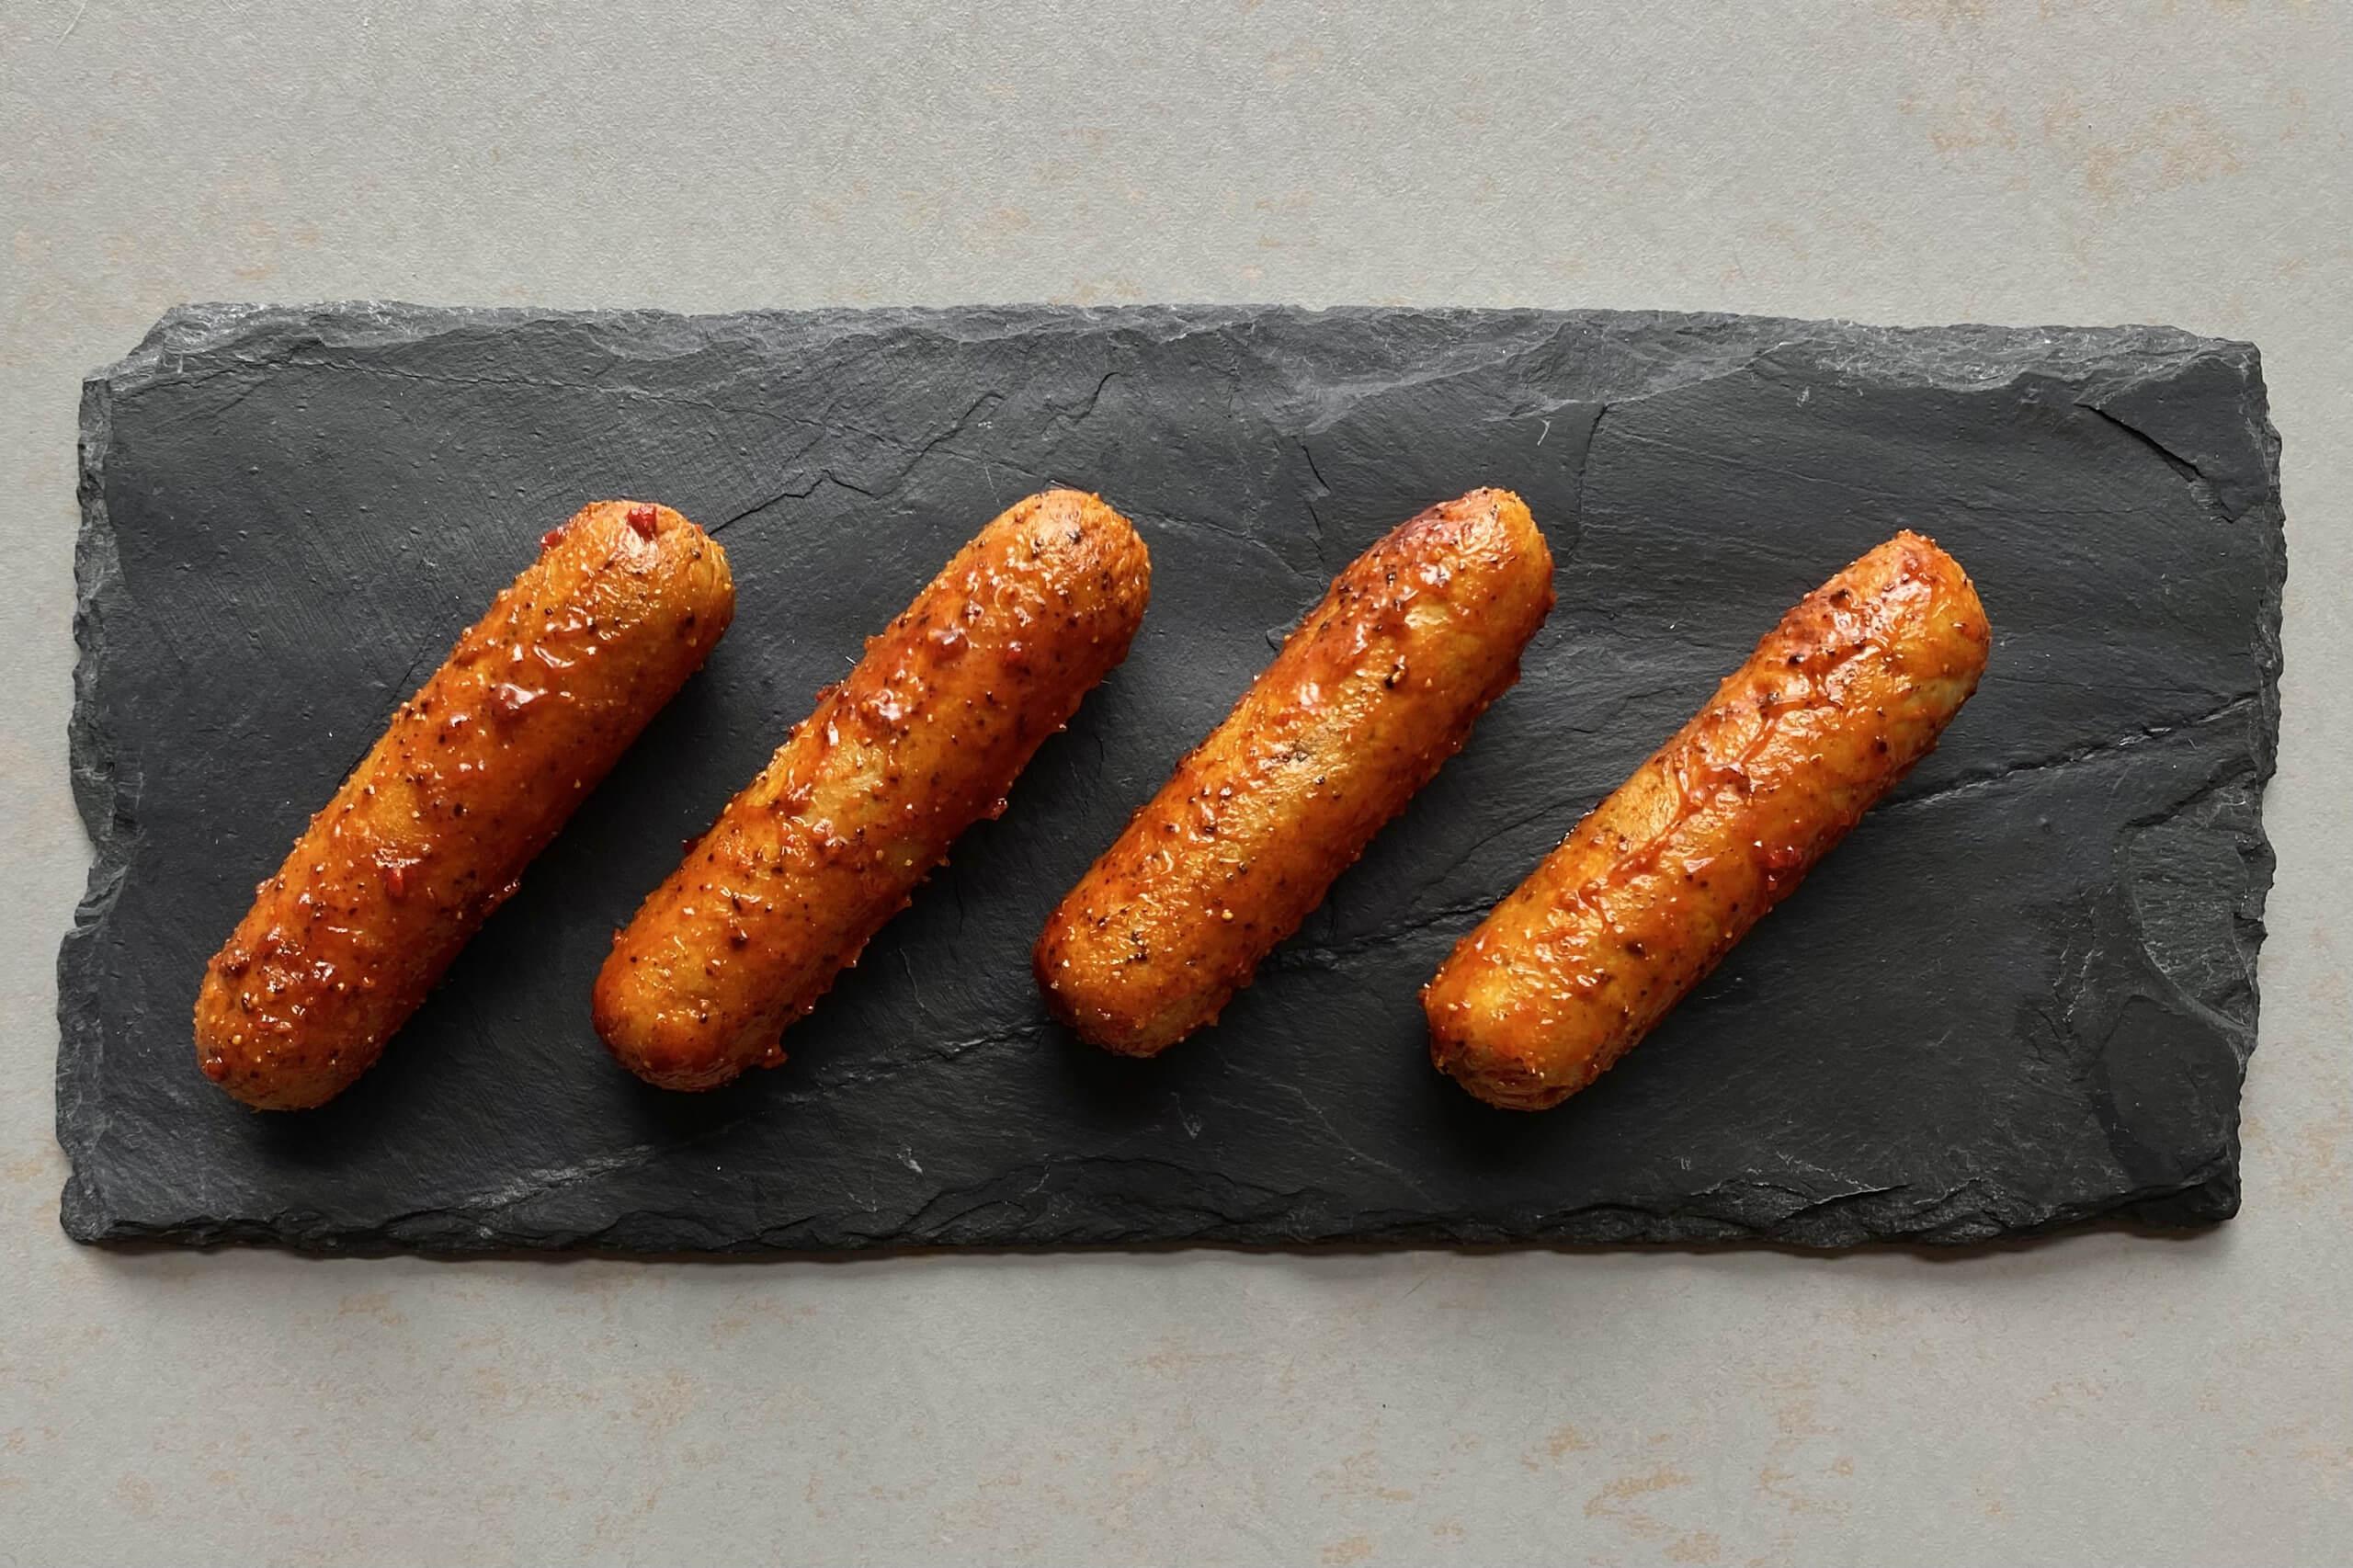 Vleesvervanger getest: AH vegetarische pittige gemarineerde worstjes